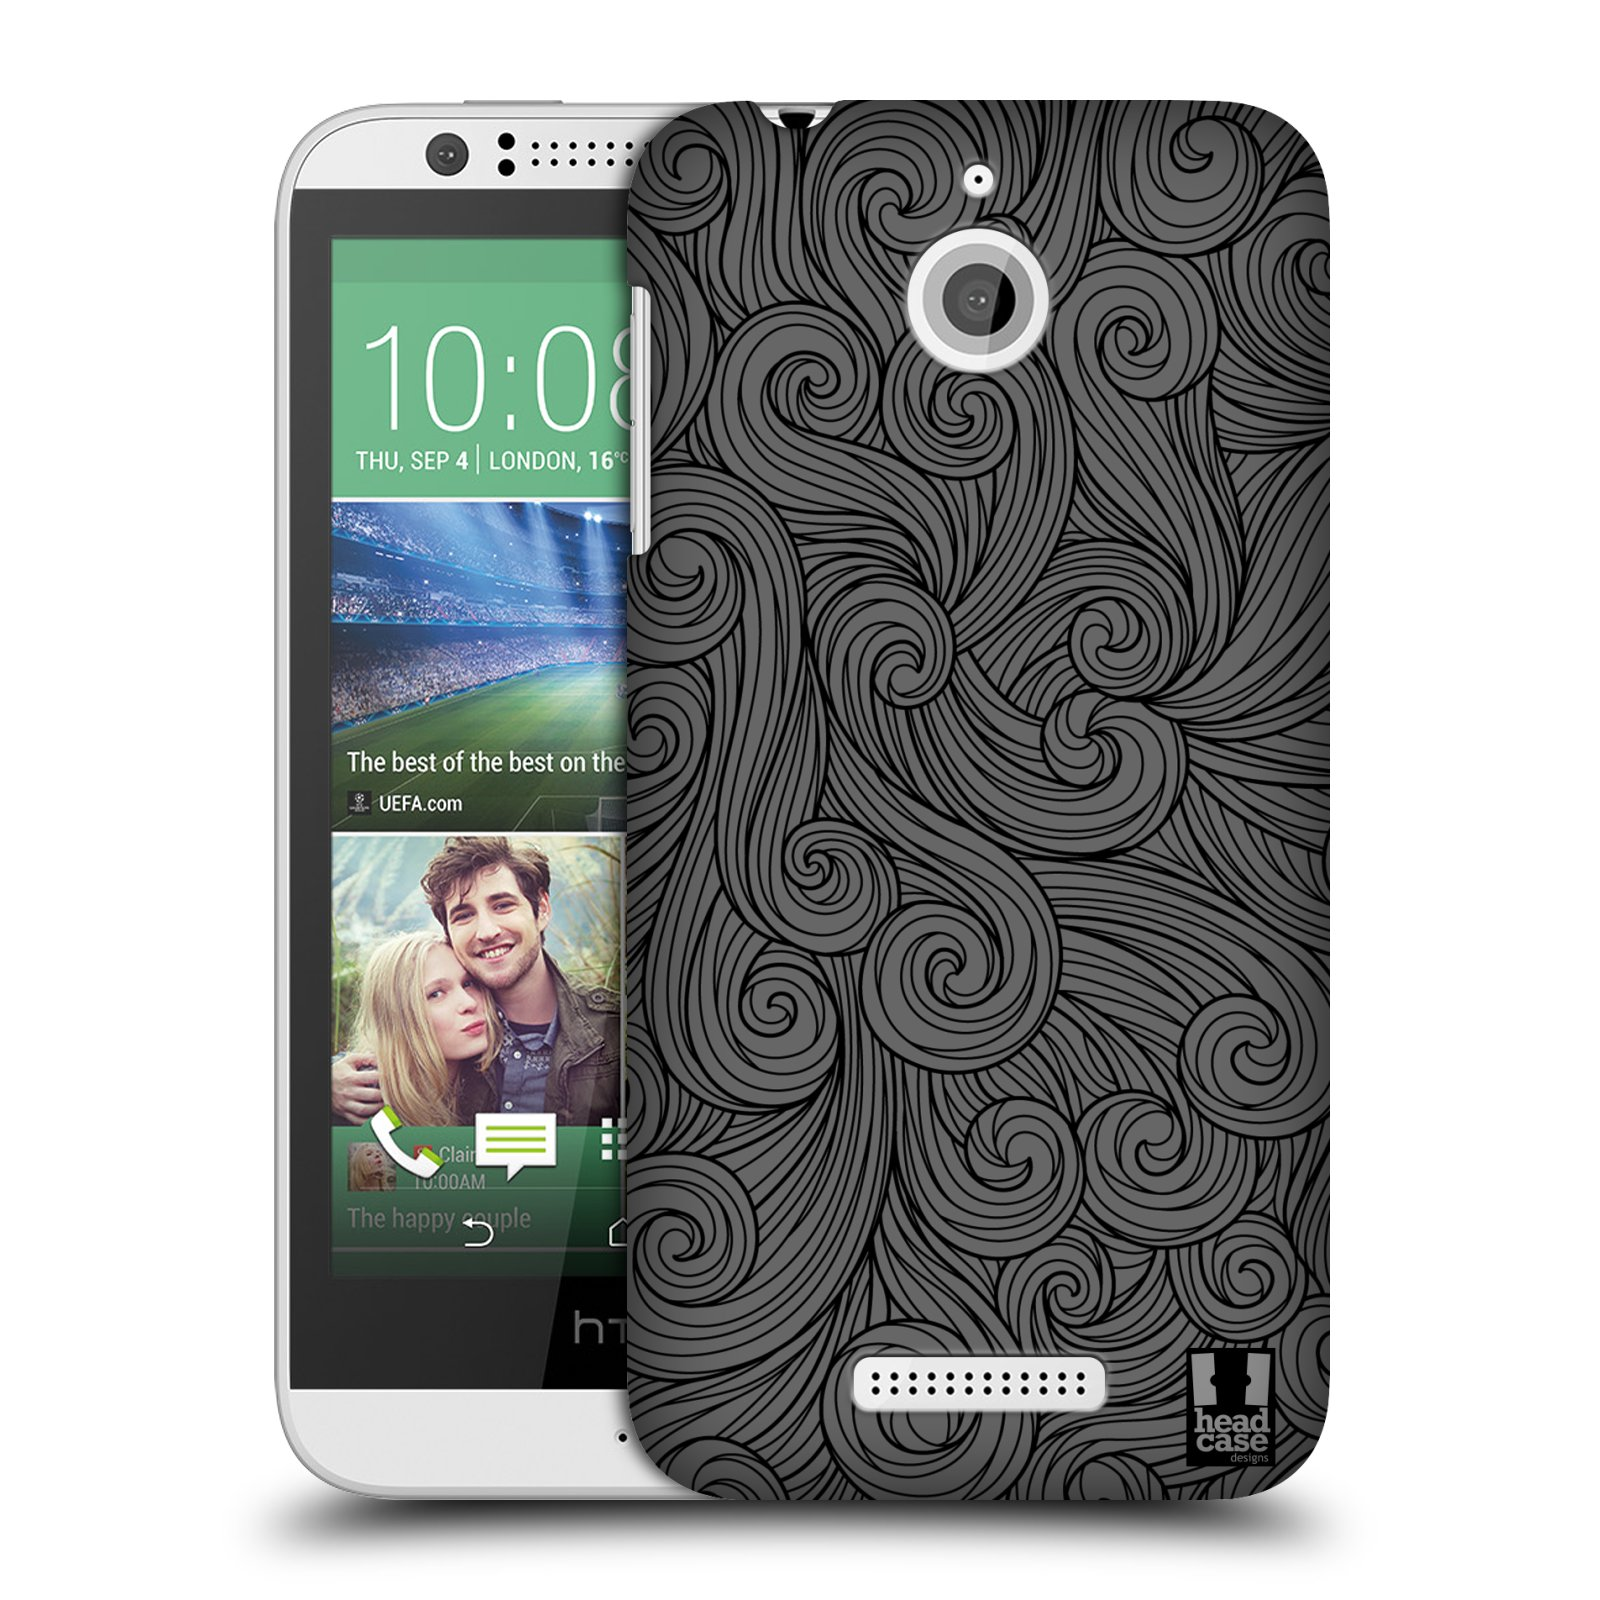 Plastové pouzdro na mobil HTC Desire 510 HEAD CASE Dark Grey Swirls (Kryt či obal na mobilní telefon HTC Desire 510)